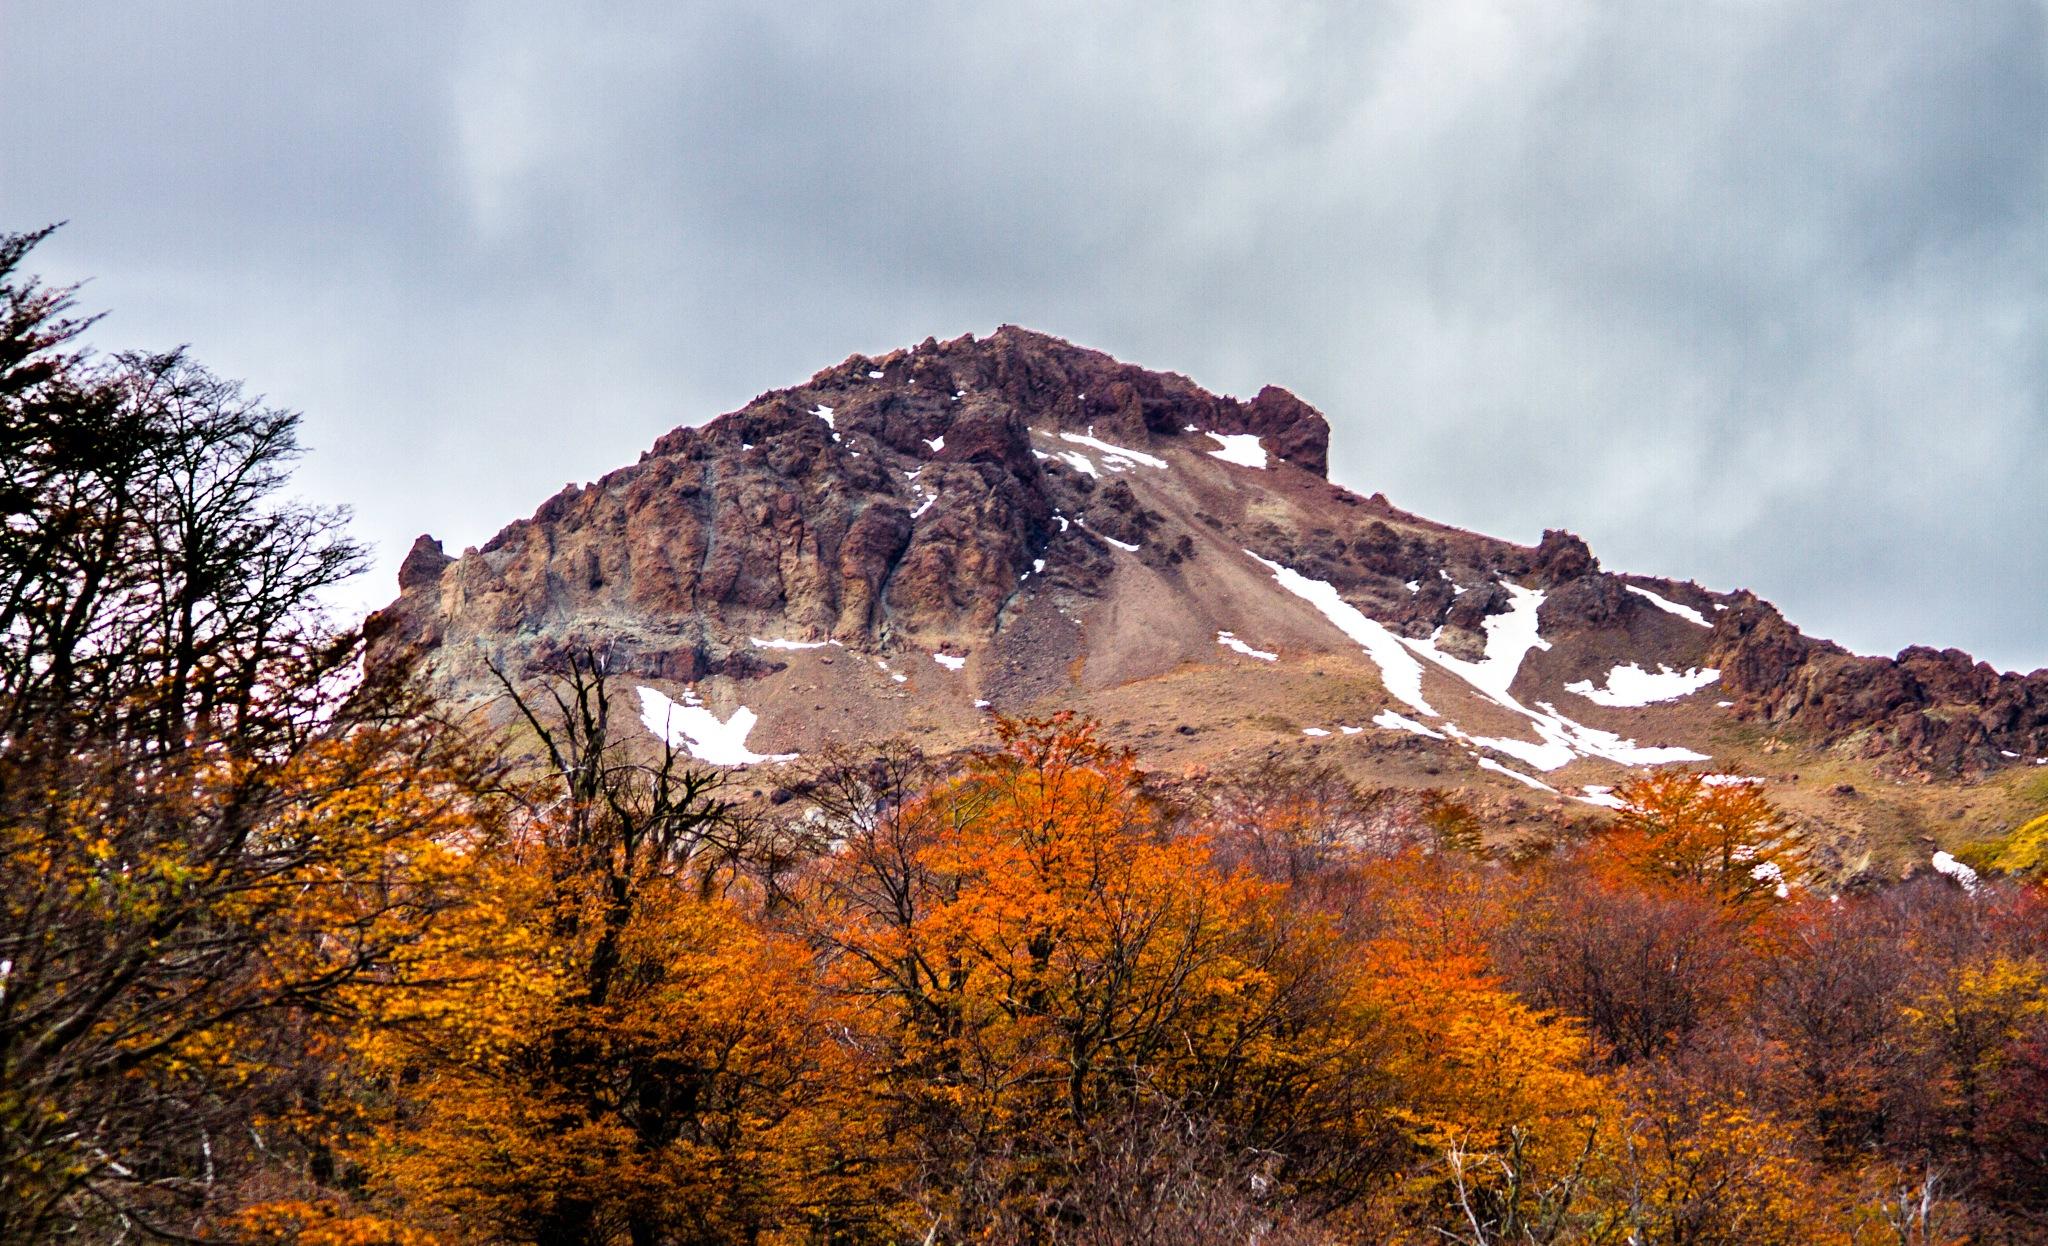 Otoño en nevados de Chillán by nicolasprovoste